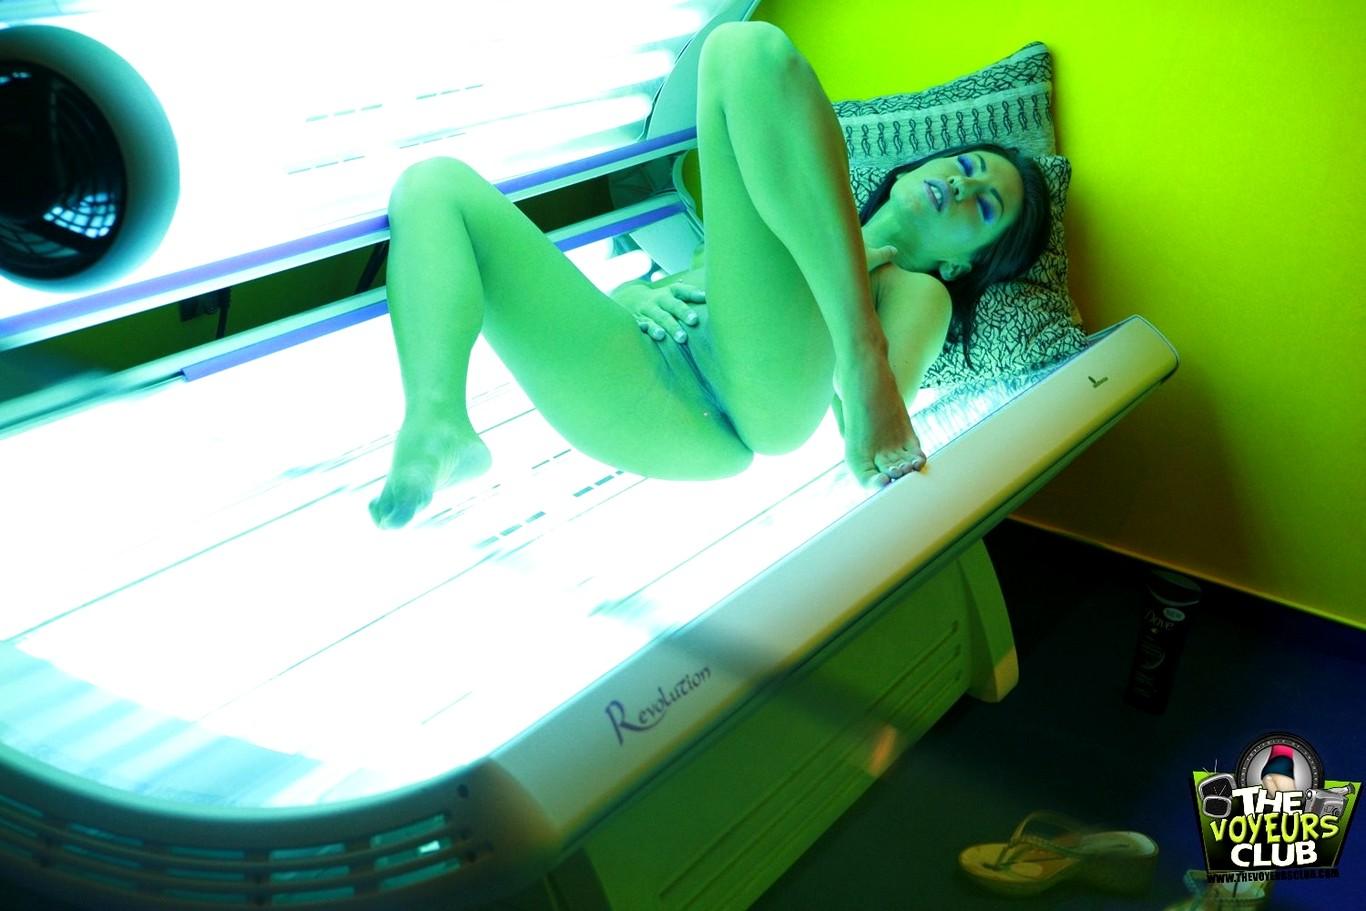 порно видео онлайн скрытая камера в солярии понравился снимок, где